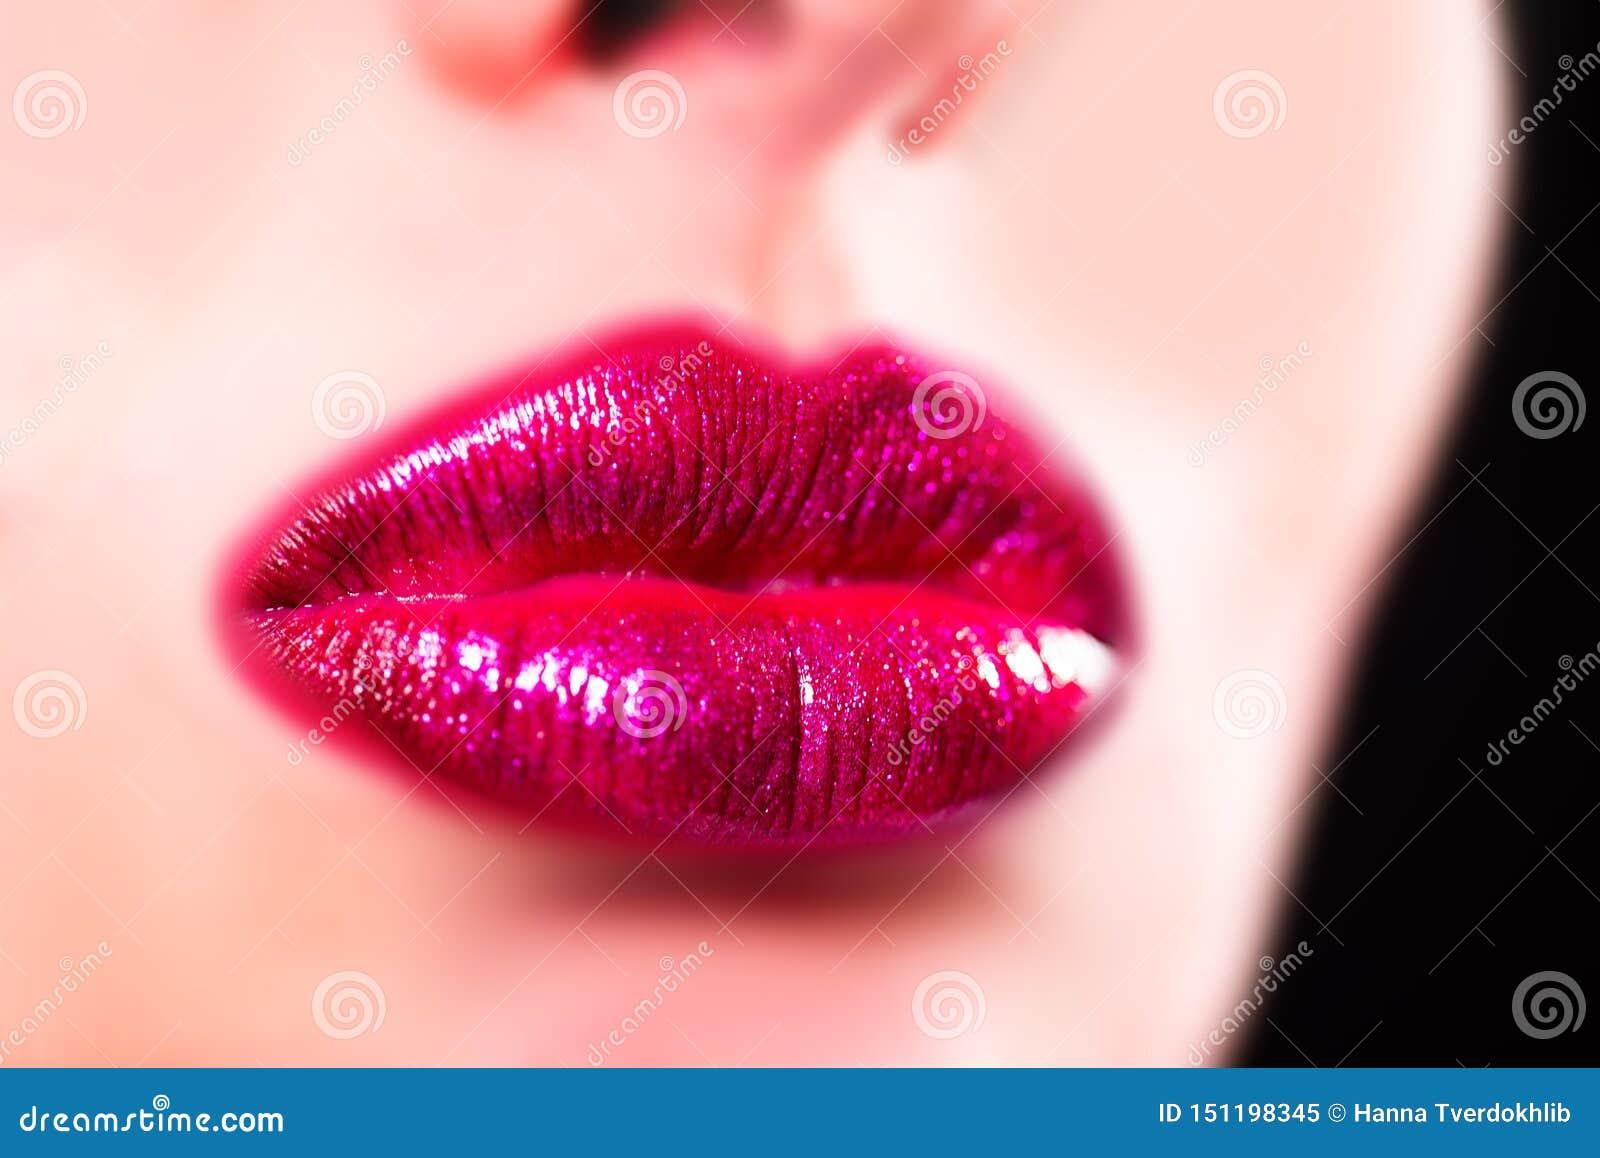 Sinnliche Lippen der Sch?nheit, sch?ne Lippe Sexy sinnliche Lippe Große Lippen der Nahaufnahme, heller Lippenstift Funkeln, Lippe